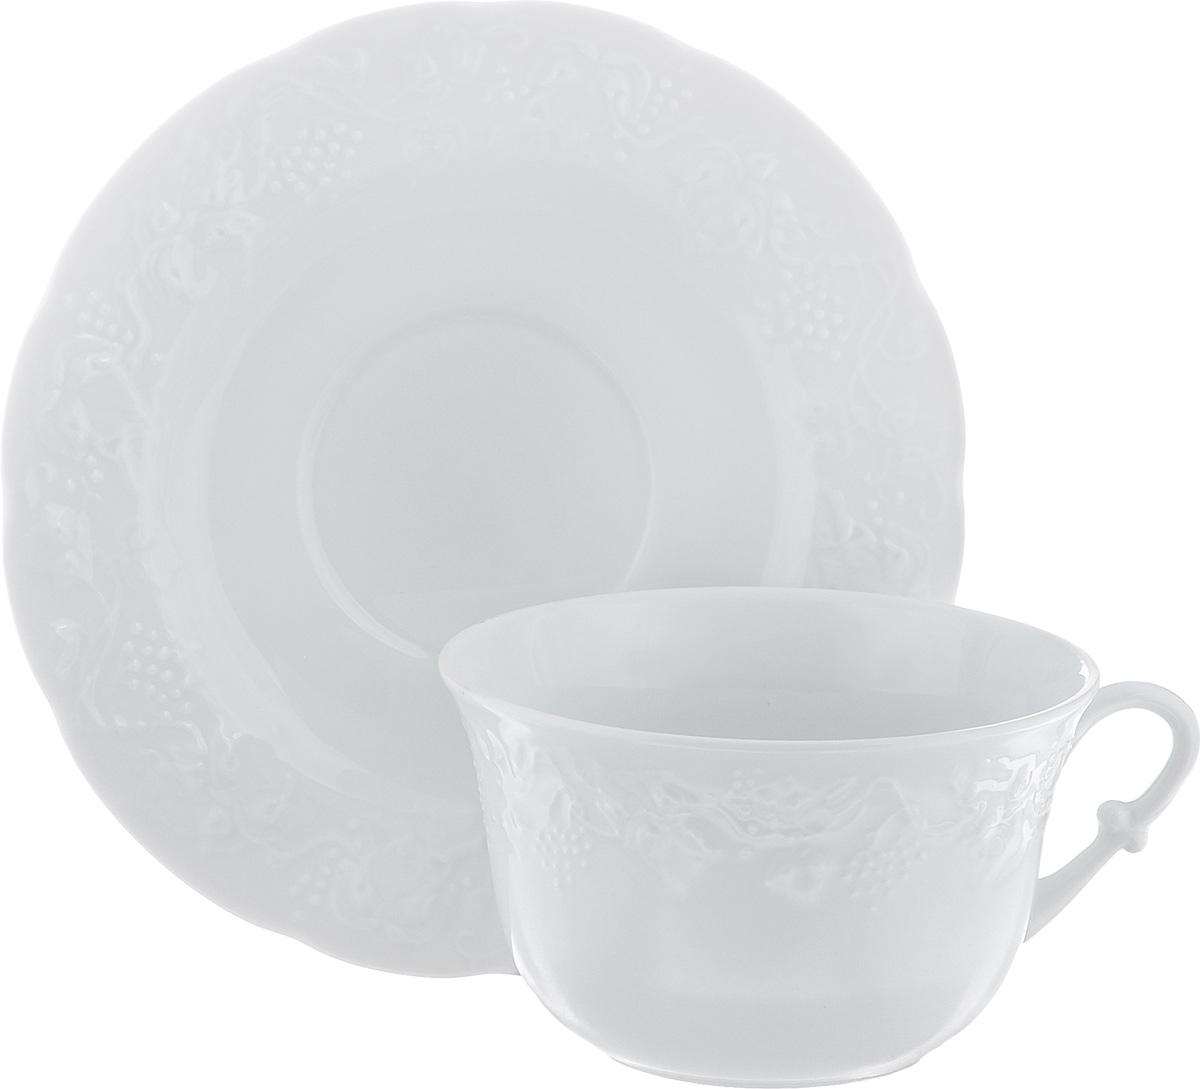 Чайная пара Yves De La Rosiere Vendanges, цвет: белый, 2 предмета693534Чайная пара Yves De La Rosiere Vendanges состоит из чашки и блюдца. Изделия выполнены из высококачественного фарфора и украшены изысканным рельефом. Фарфор марки Yves De La Rosiere изготавливается из уникальной белой глины, которая добывается во Франции, в знаменитой провинции Лимож. Особые свойства этой глины, открытые еще в 18 веке, позволяют создать удивительно тонкую, легкую и при этом прочную посуду. Лиможский фарфор известен по всему миру. Это символ утонченности, аристократизма и знак высокого вкуса. Преимущества этого фарфора заключаются в устойчивости к сколам и трещинам, что возможно благодаря двойному термическому обжигу. Объем чашки: 340 мл. Диаметр чашки (по верхнему краю): 11,5 см. Высота чашки: 7 см. Диаметр блюдца: 17,5 см.Высота блюдца: 2 см.